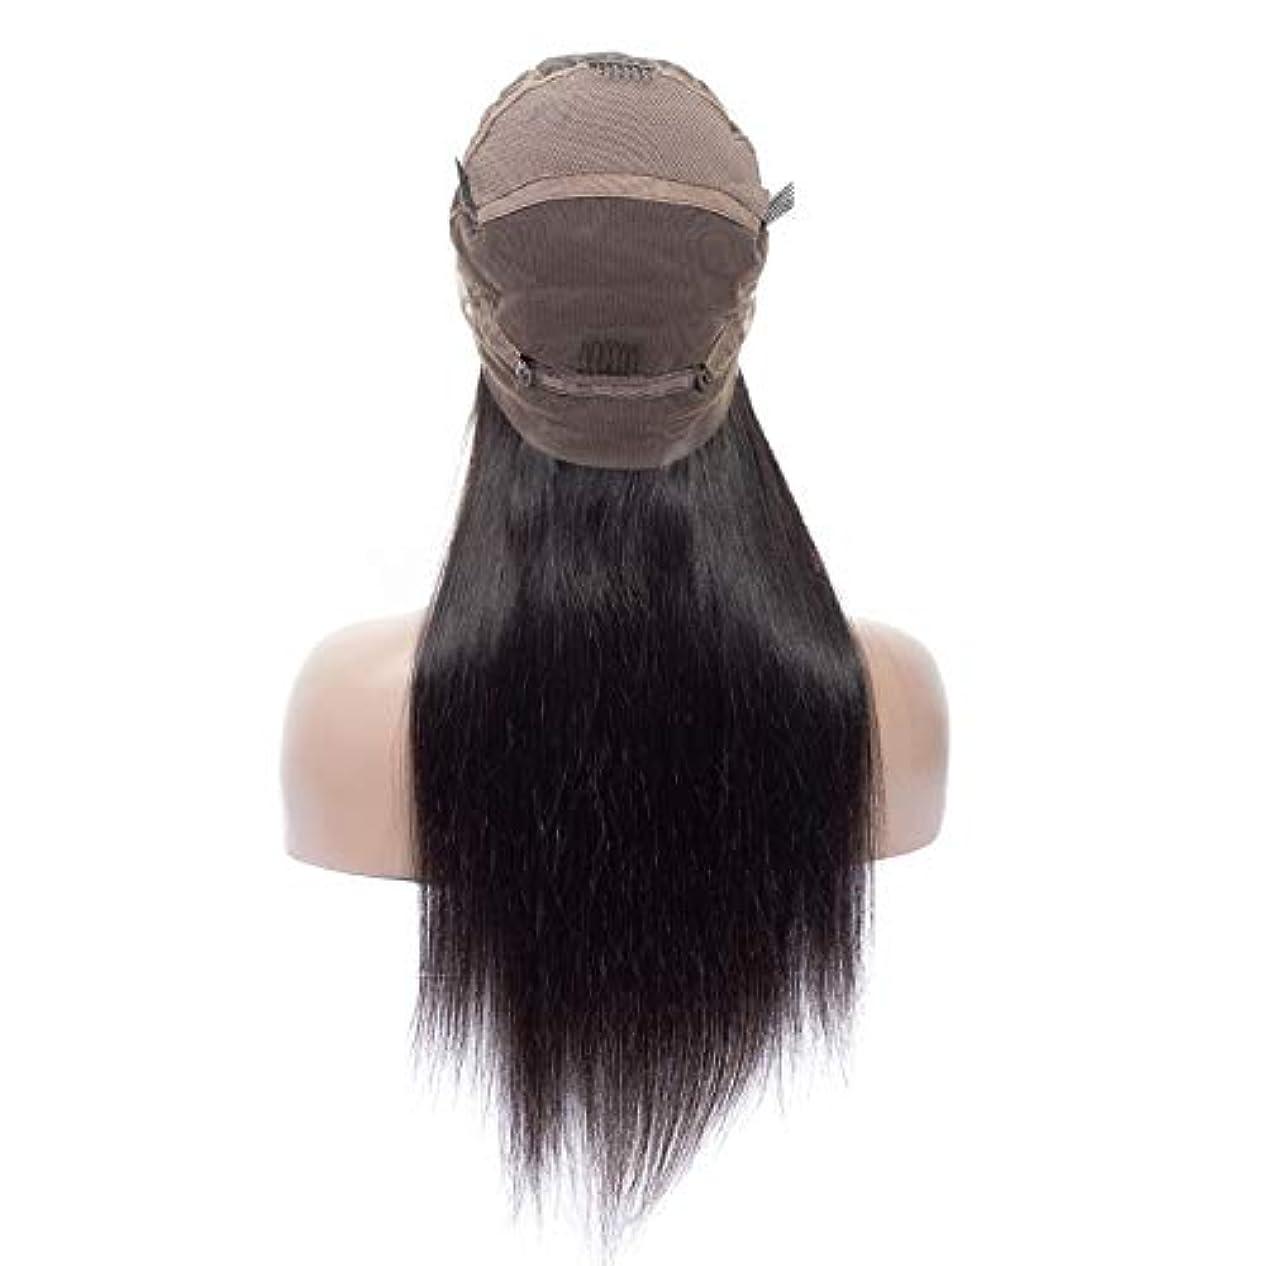 支払い遮るゴミ箱を空にするSRY-Wigファッション ファッションレディースロングブラジルブラックストレートナチュラルレミーかつら髪古い完全かつら (Color : ブラック, Size : 10inch)